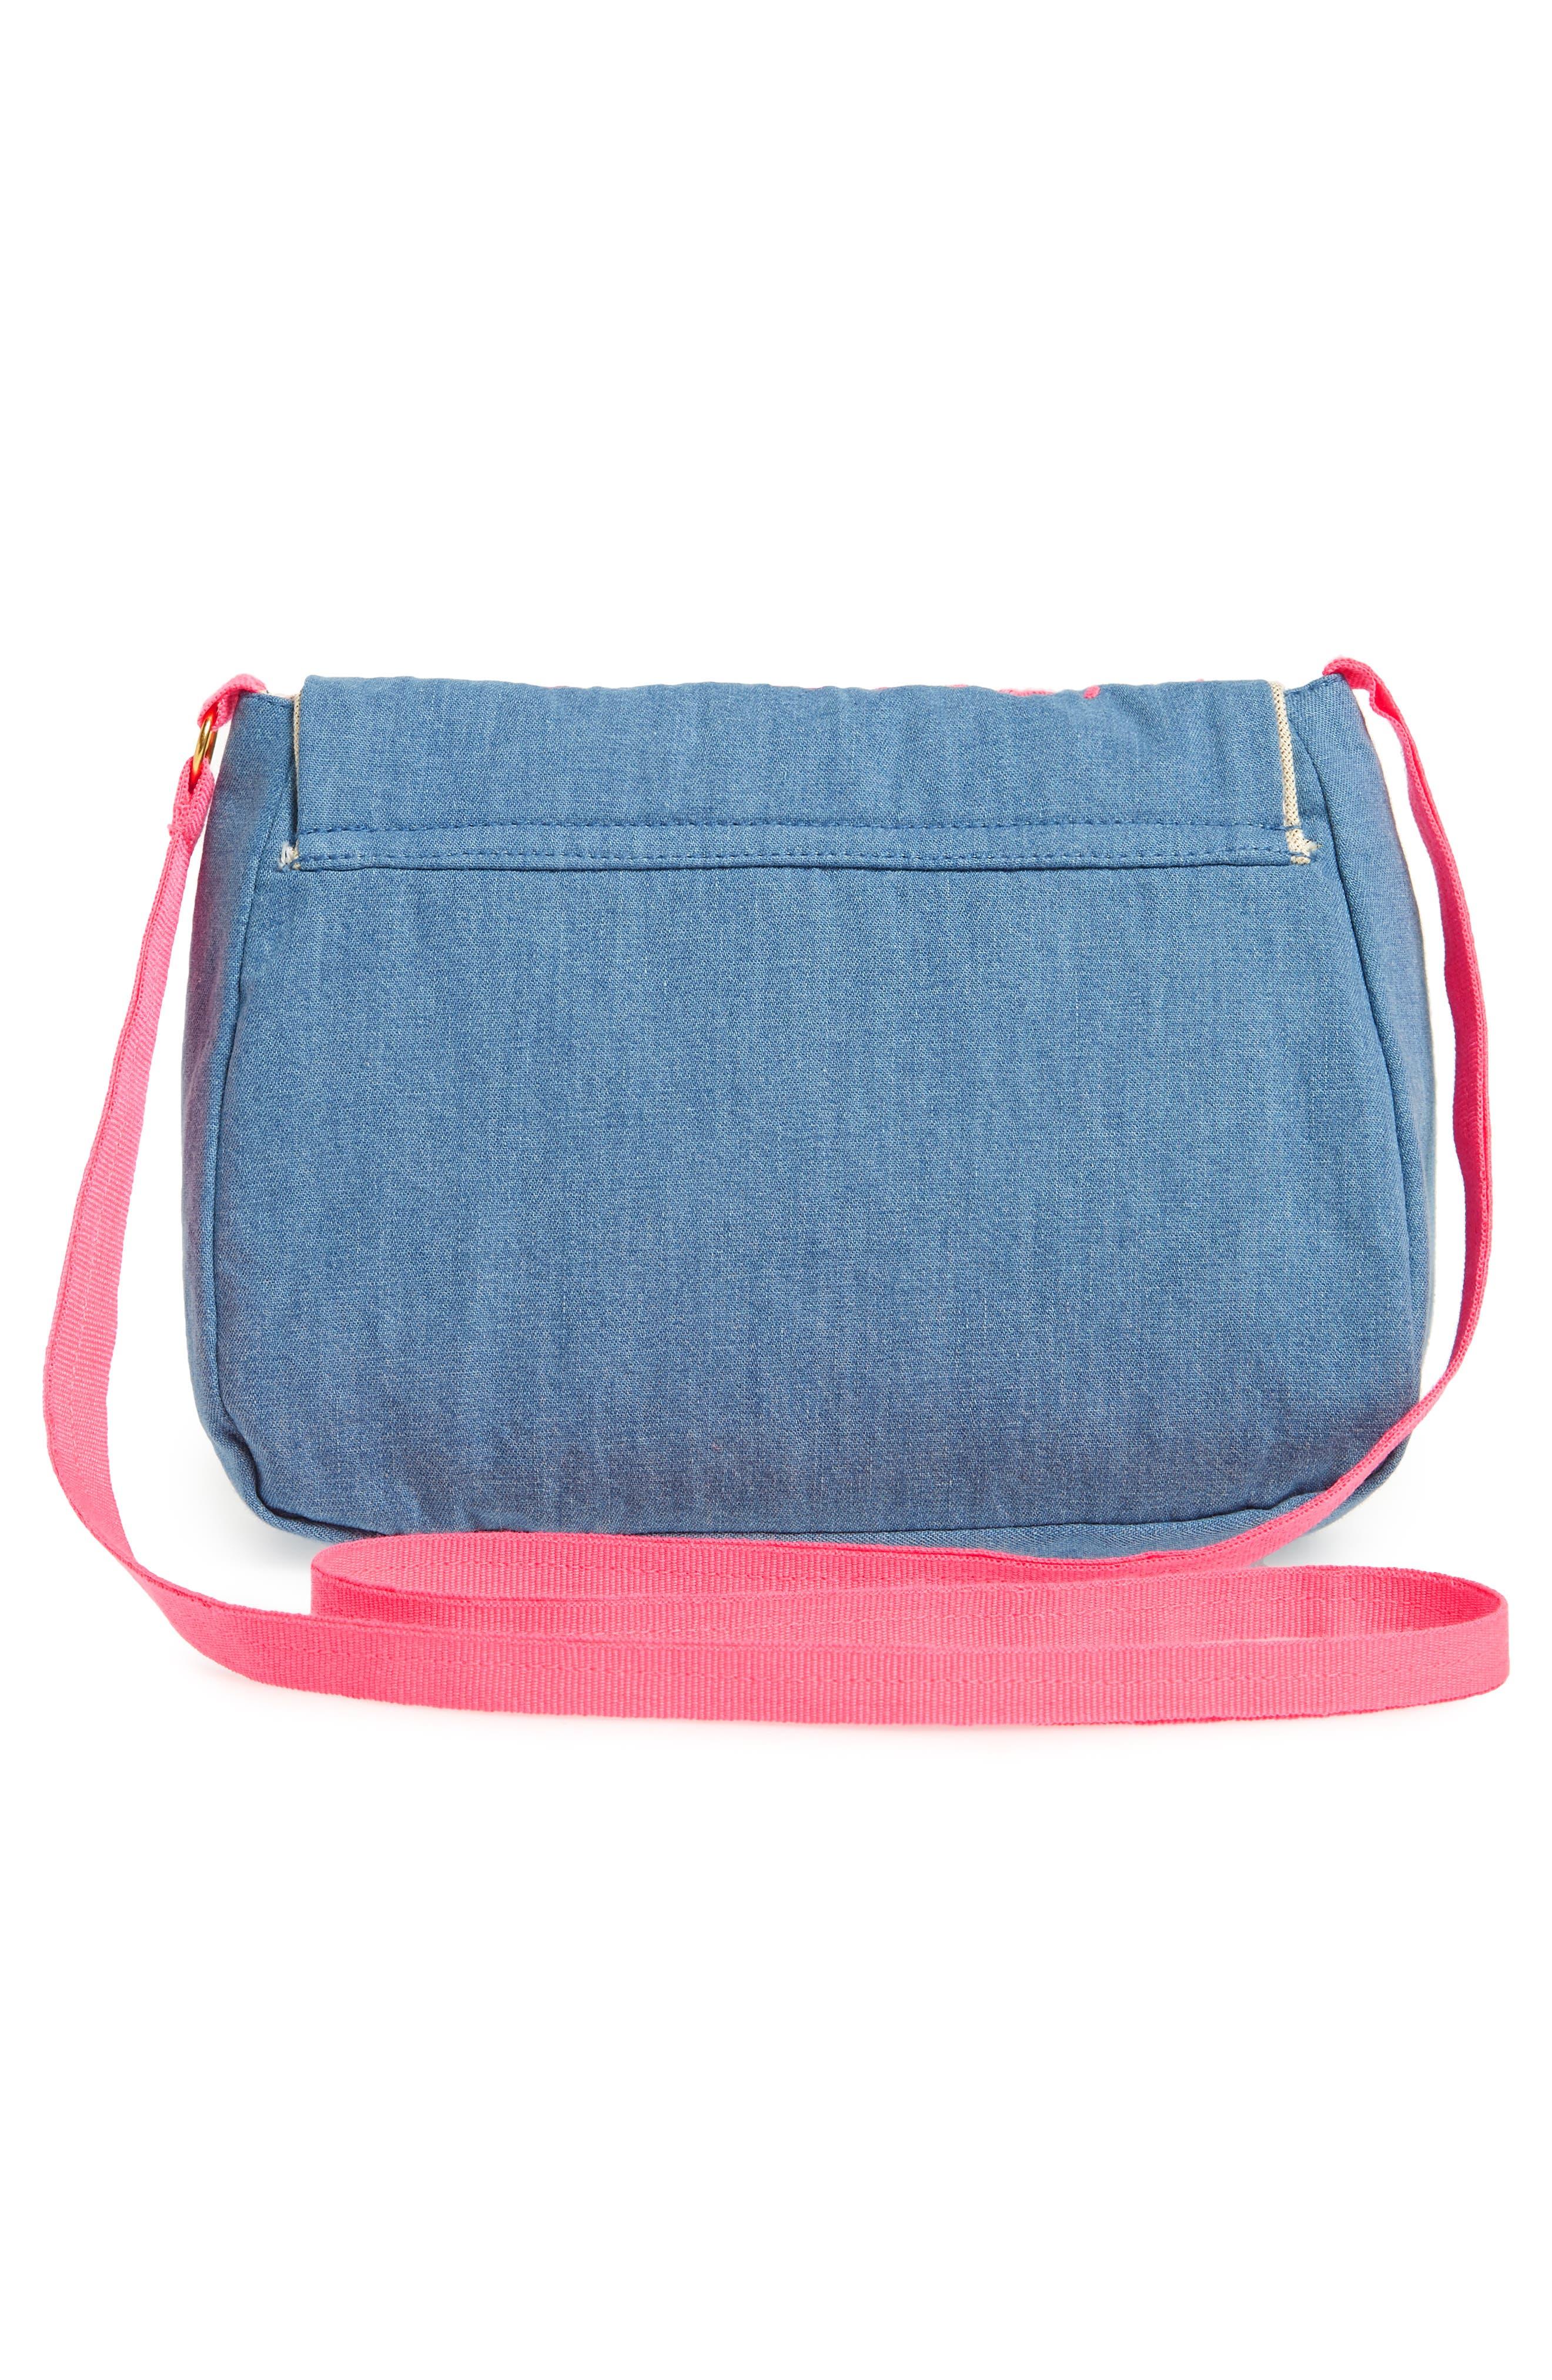 Embroidered Denim Shoulder Bag,                             Alternate thumbnail 3, color,                             Chambray Blue